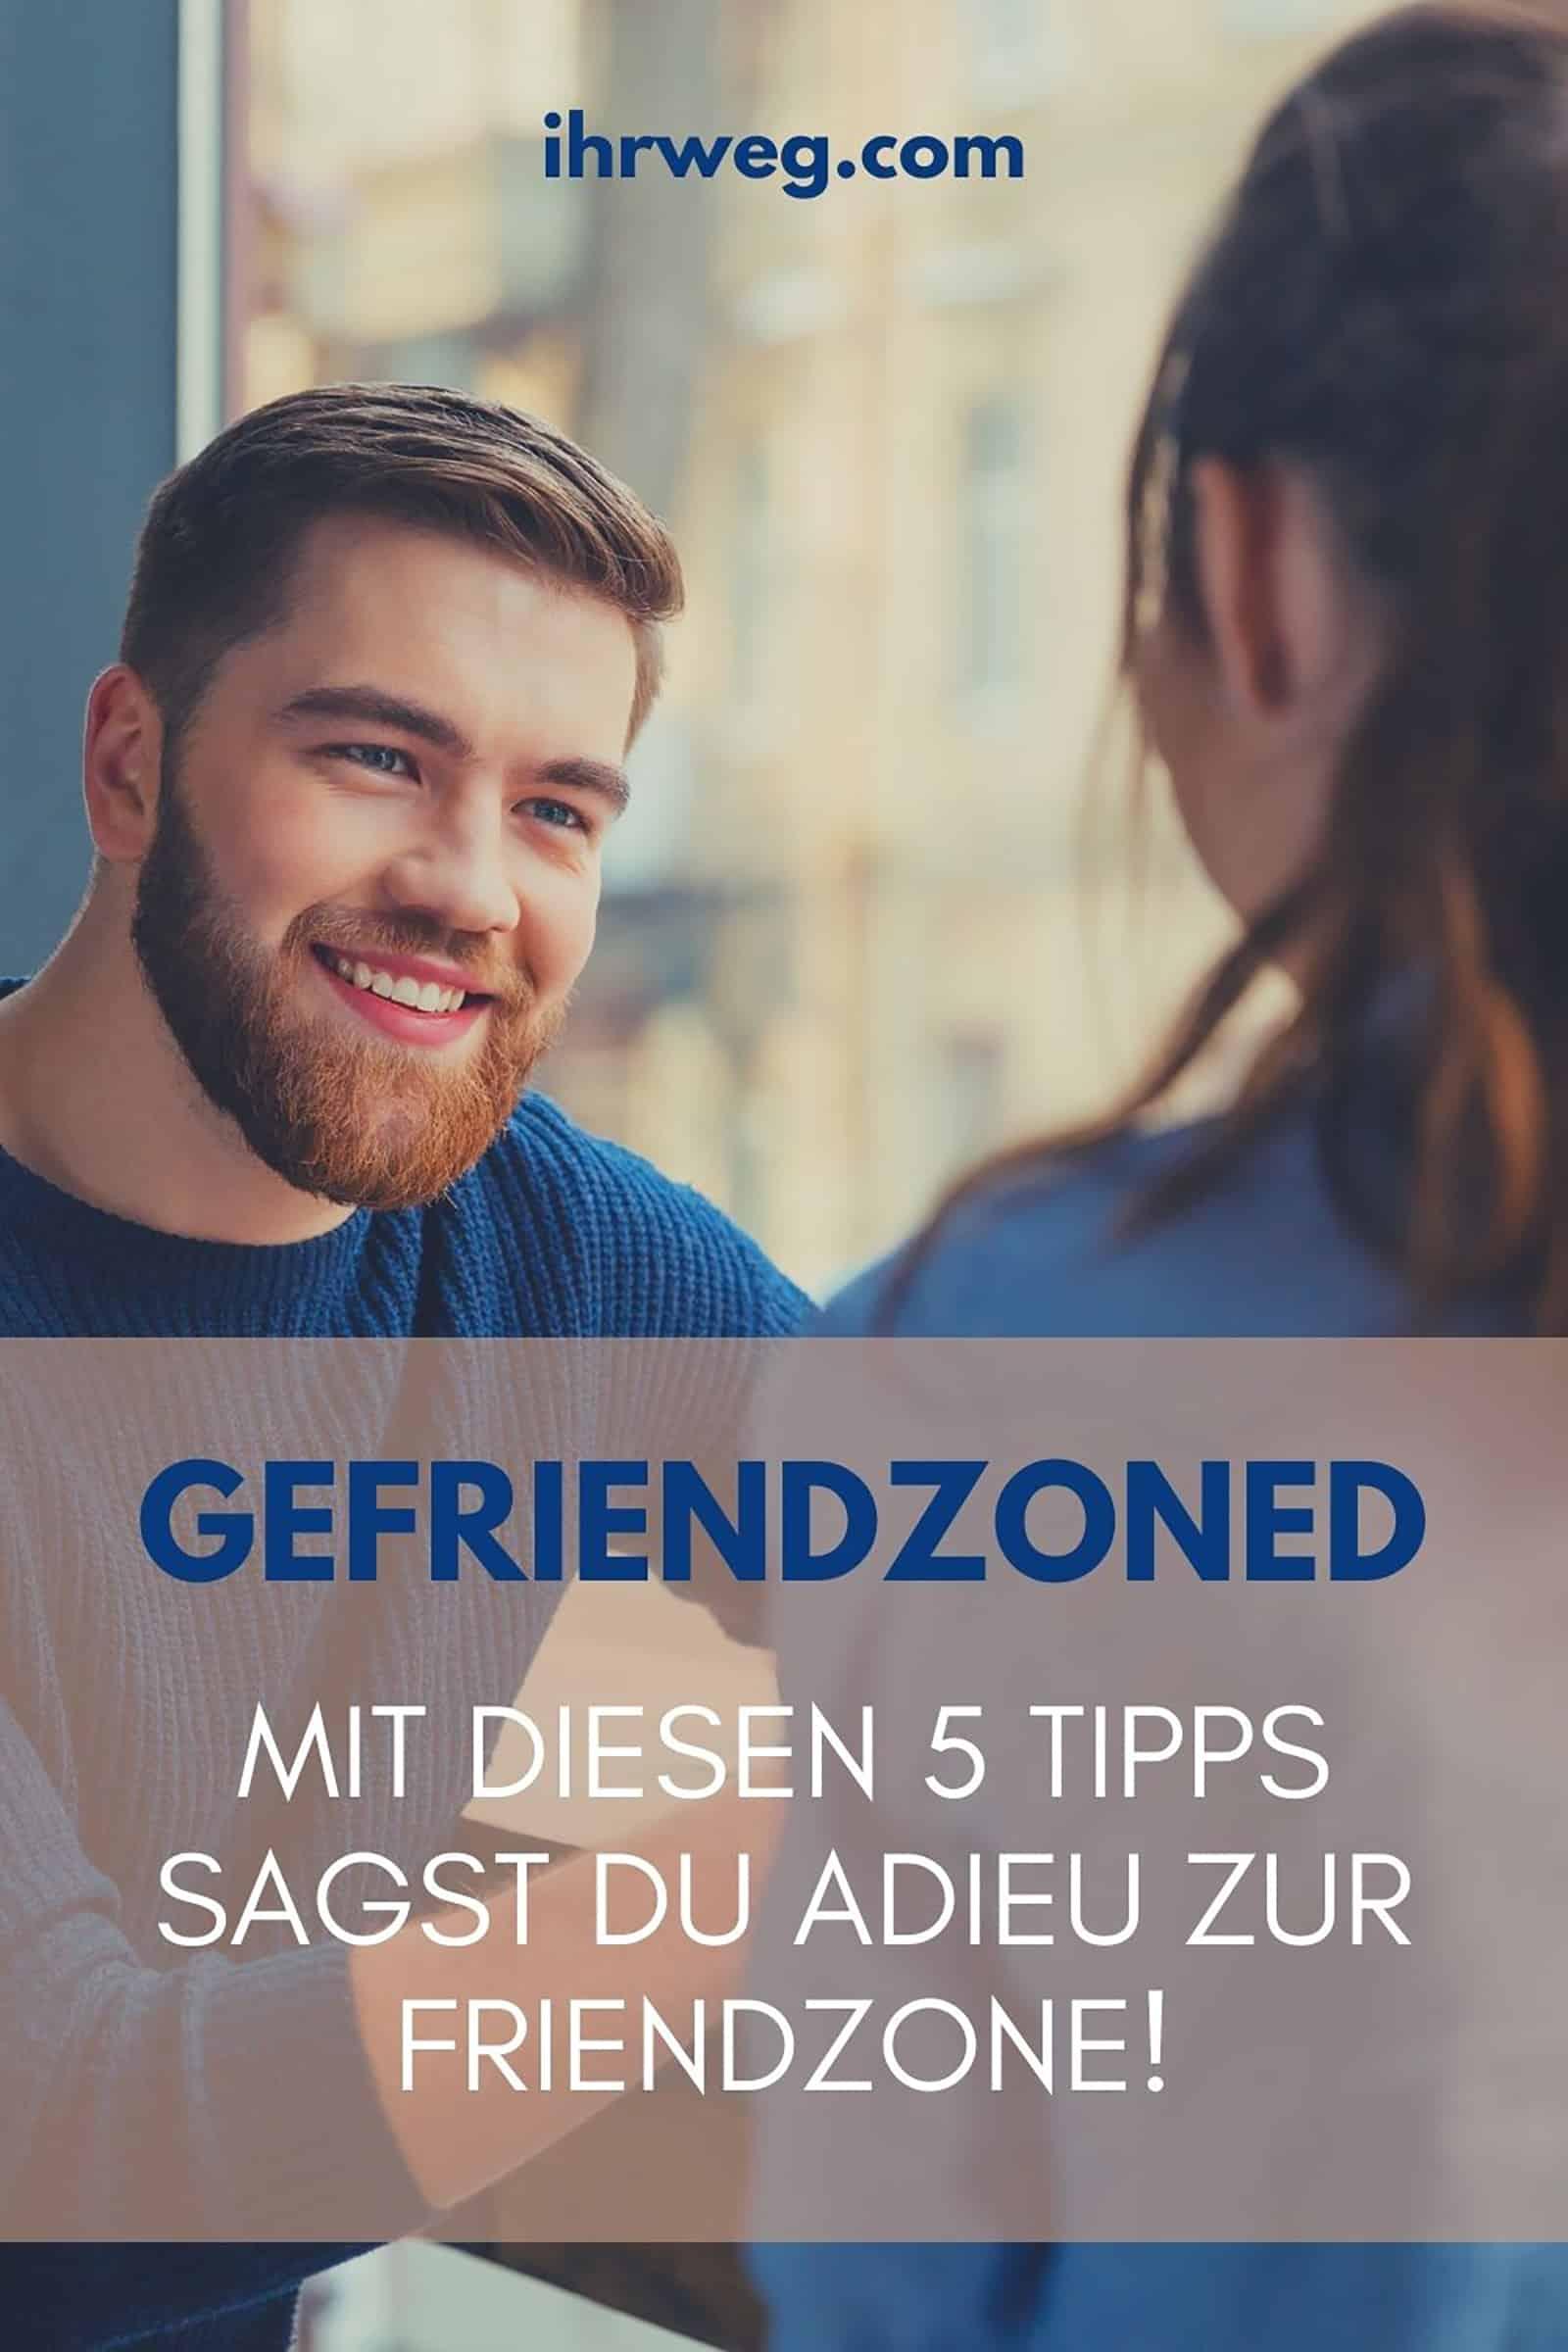 Gefriendzoned: Mit Diesen 5 Tipps Sagst Du Adieu Zur Friendzone!